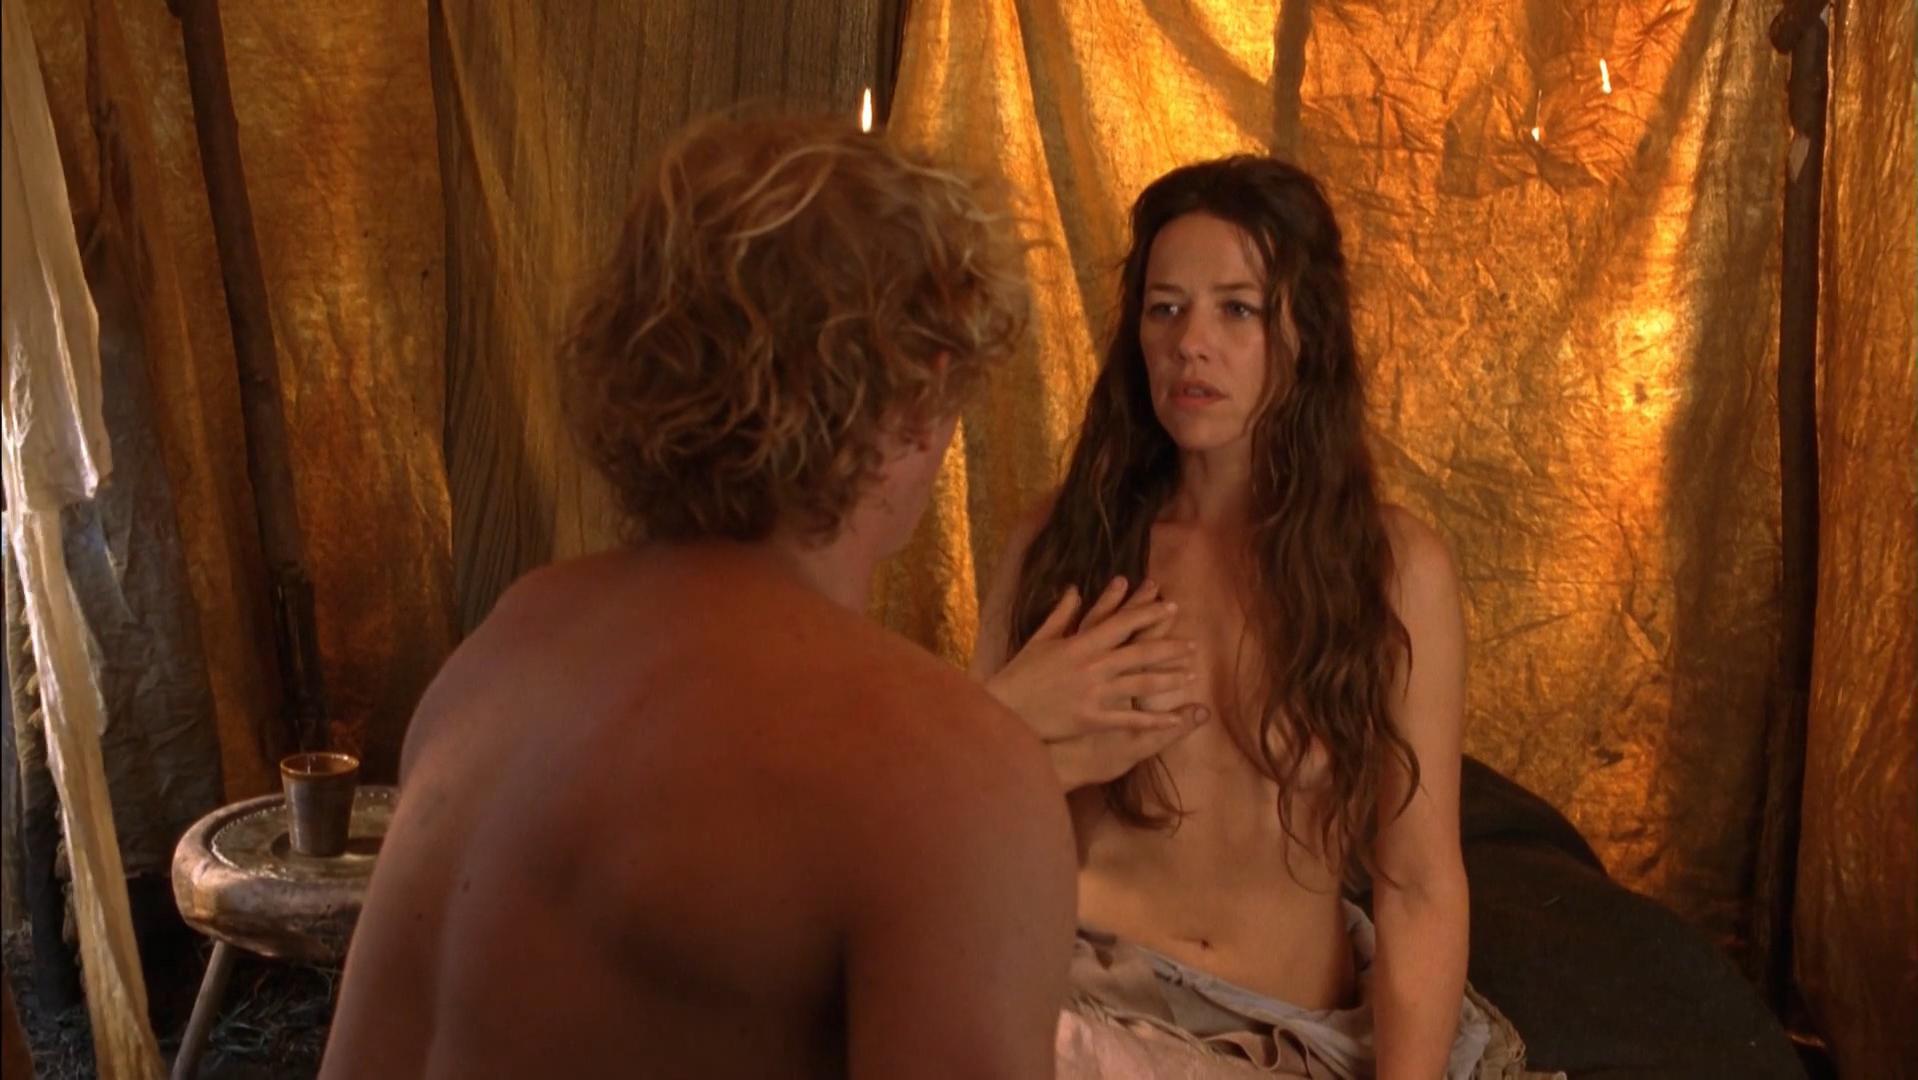 Orbit gum lady nude